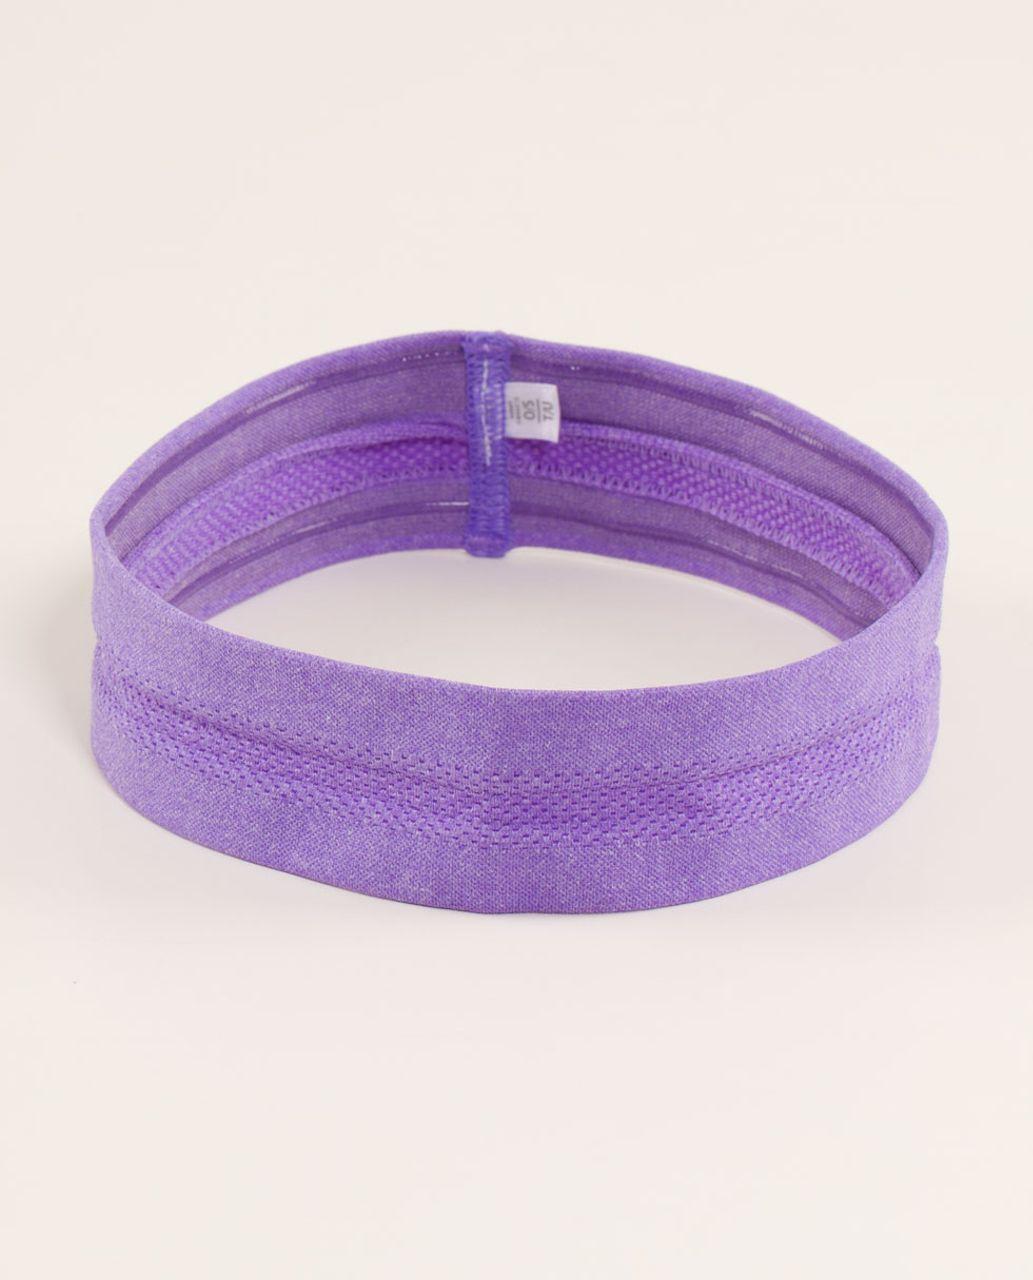 Lululemon Swiftly Headband - Power Purple